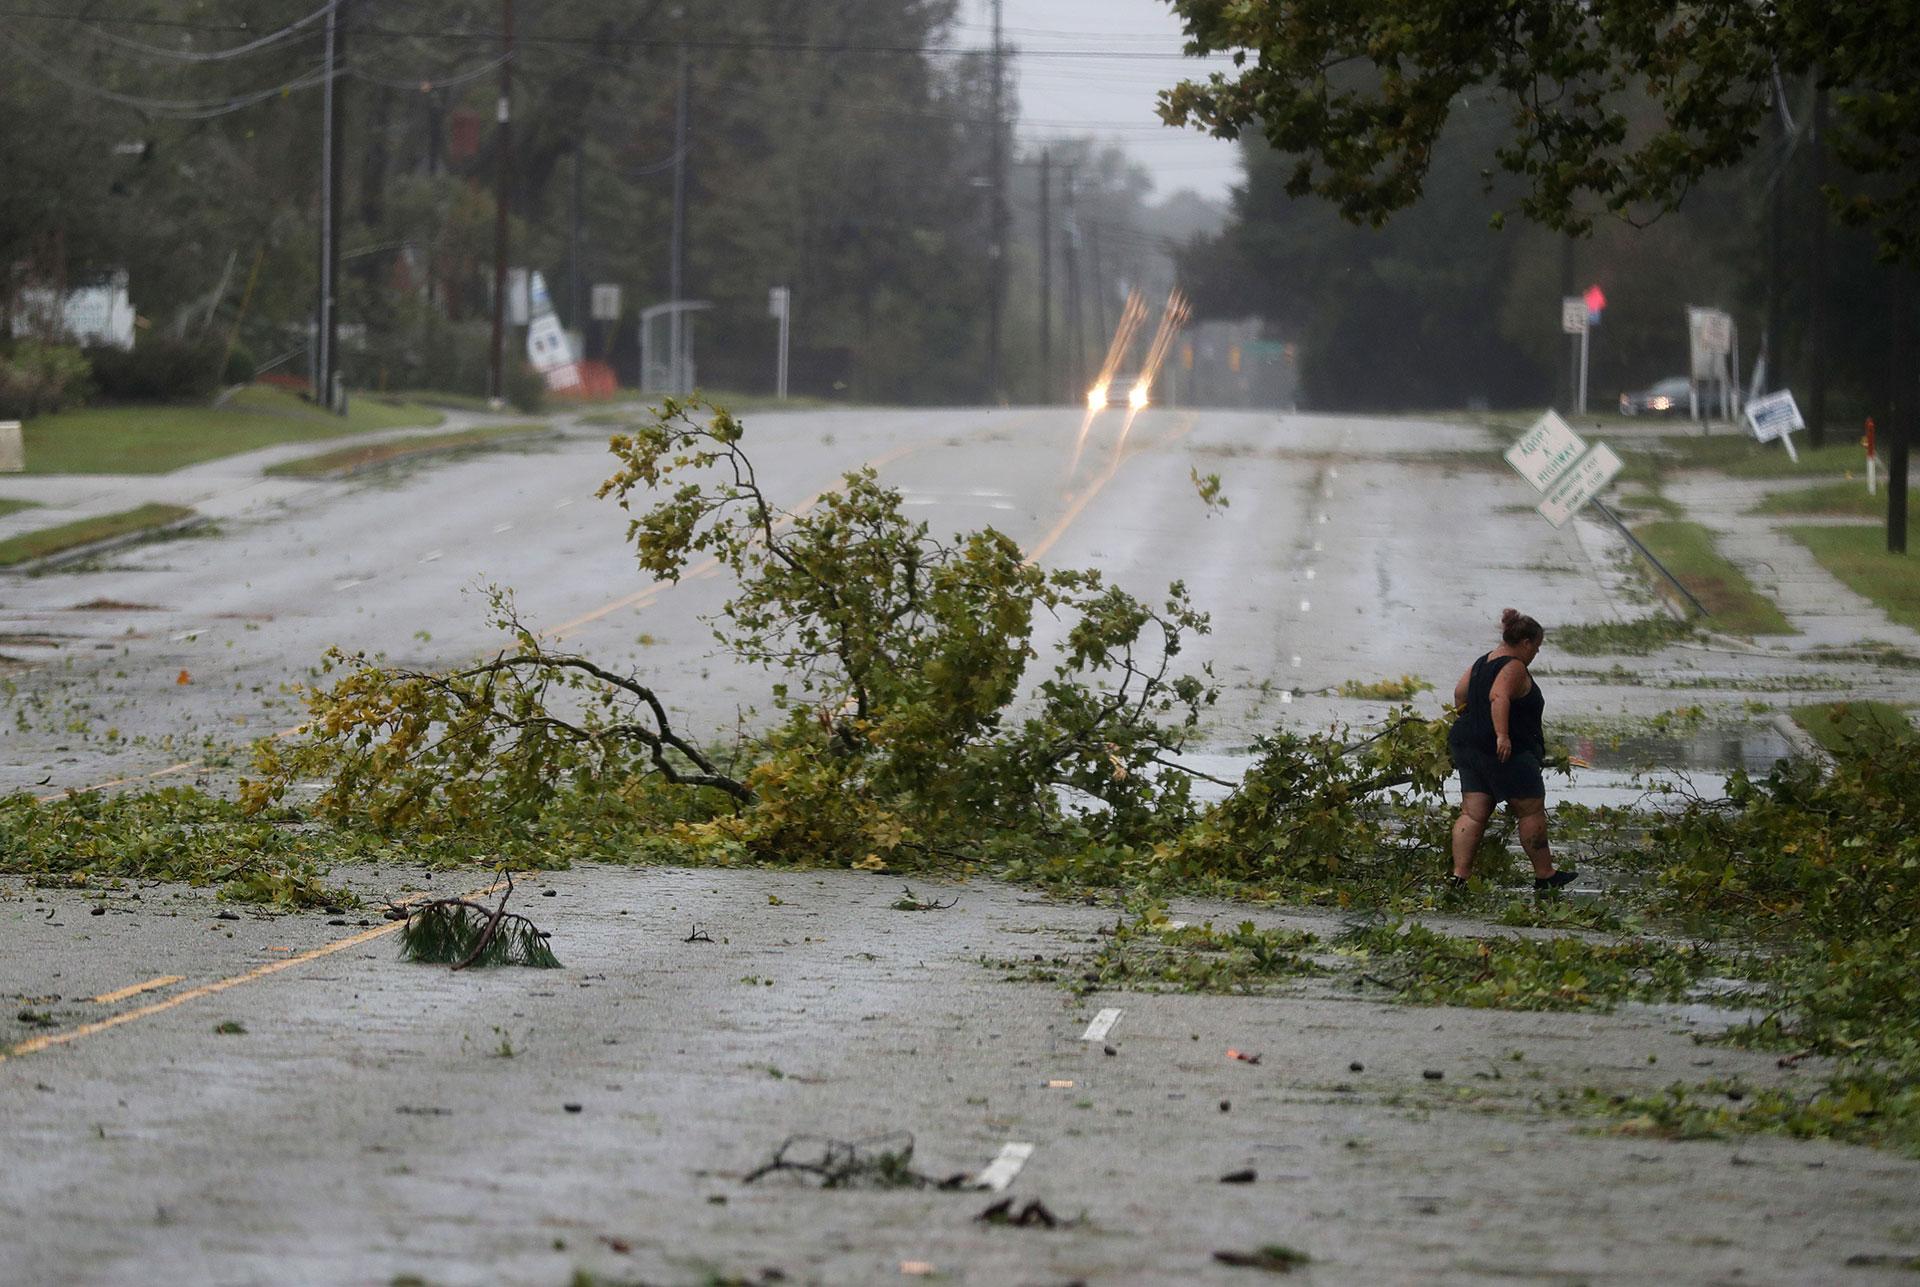 Una mujer recorre sola las calles tras el pasó del huracán (AP)